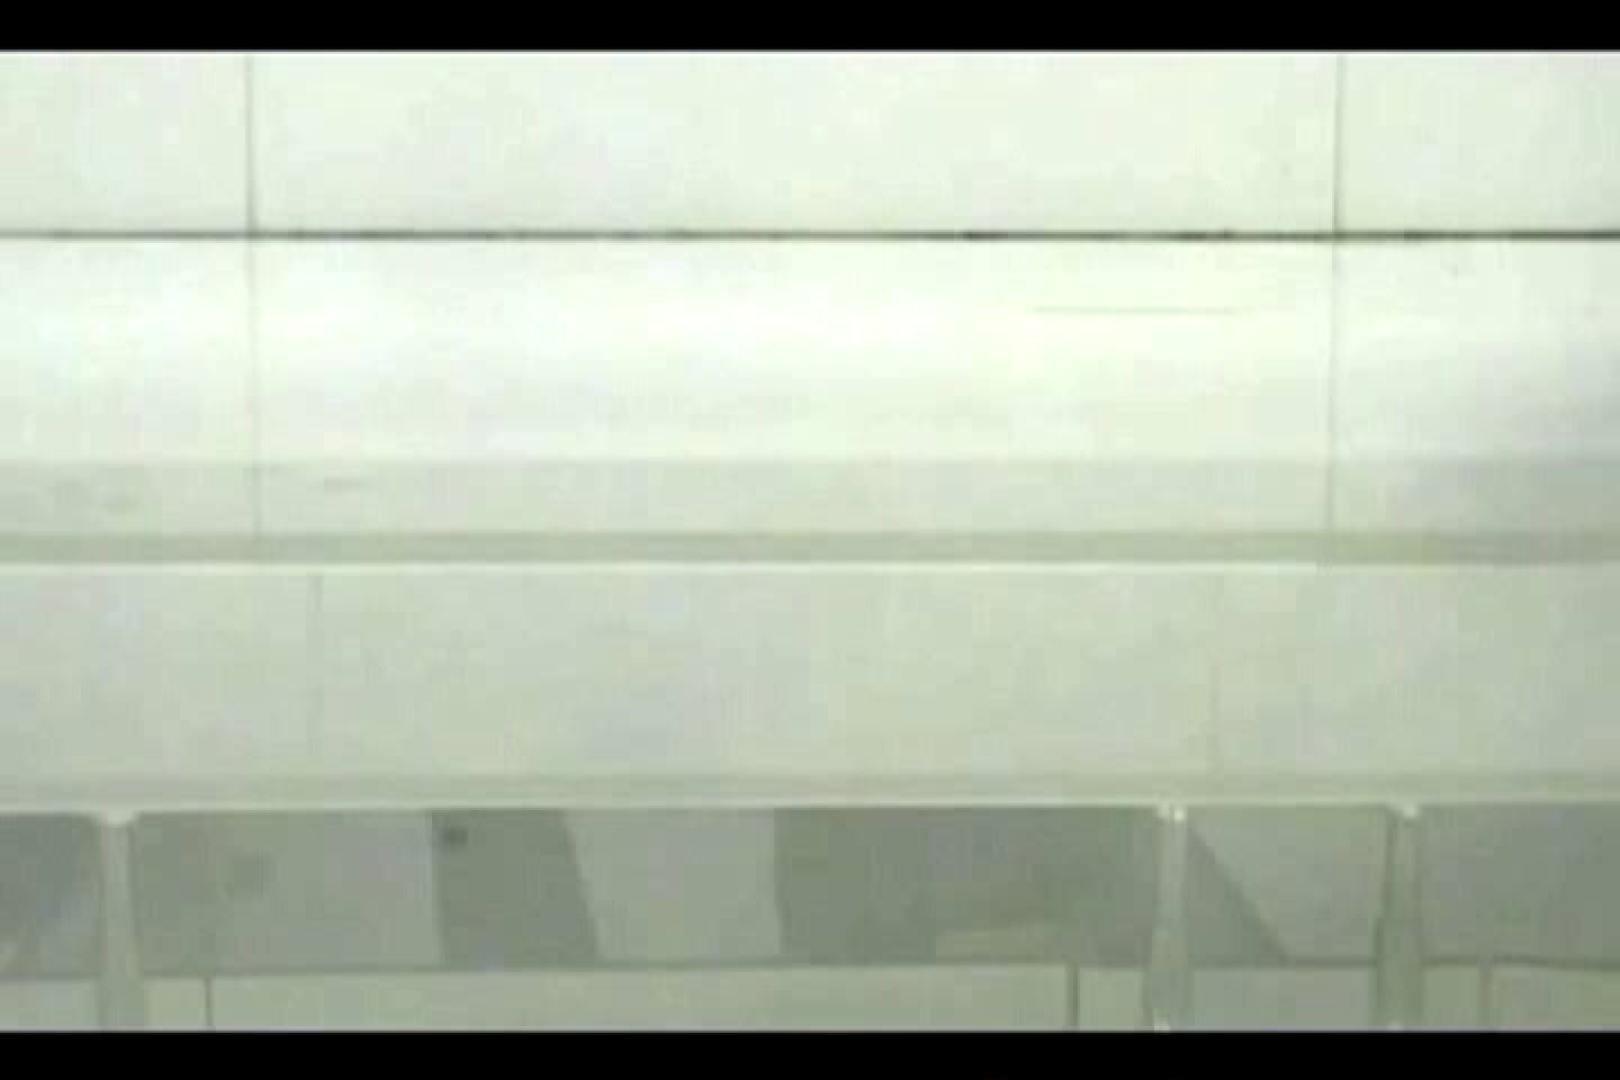 ぼっとん洗面所スペシャルVol.2 洗面所突入  106pic 32